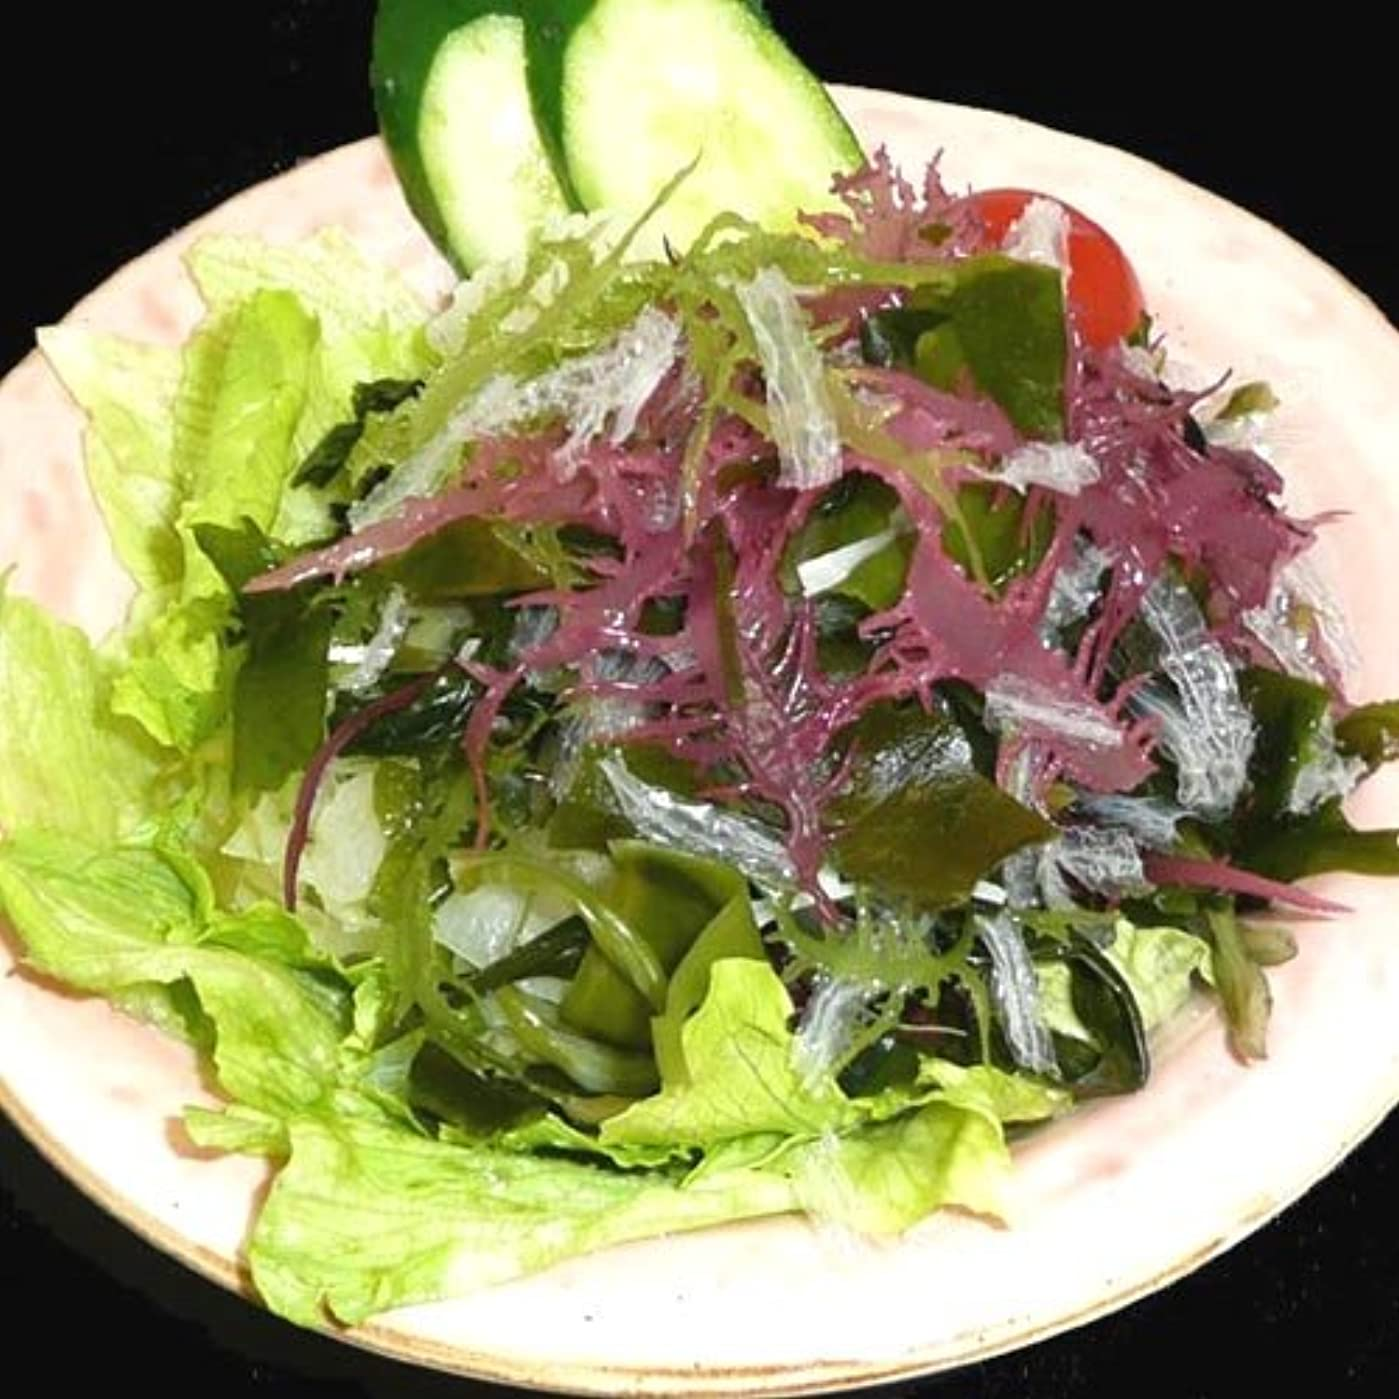 議論するバケツ鎖サンエイオンラインショップ 業務用海藻かんてんダイエットサラダ 100g 9食分